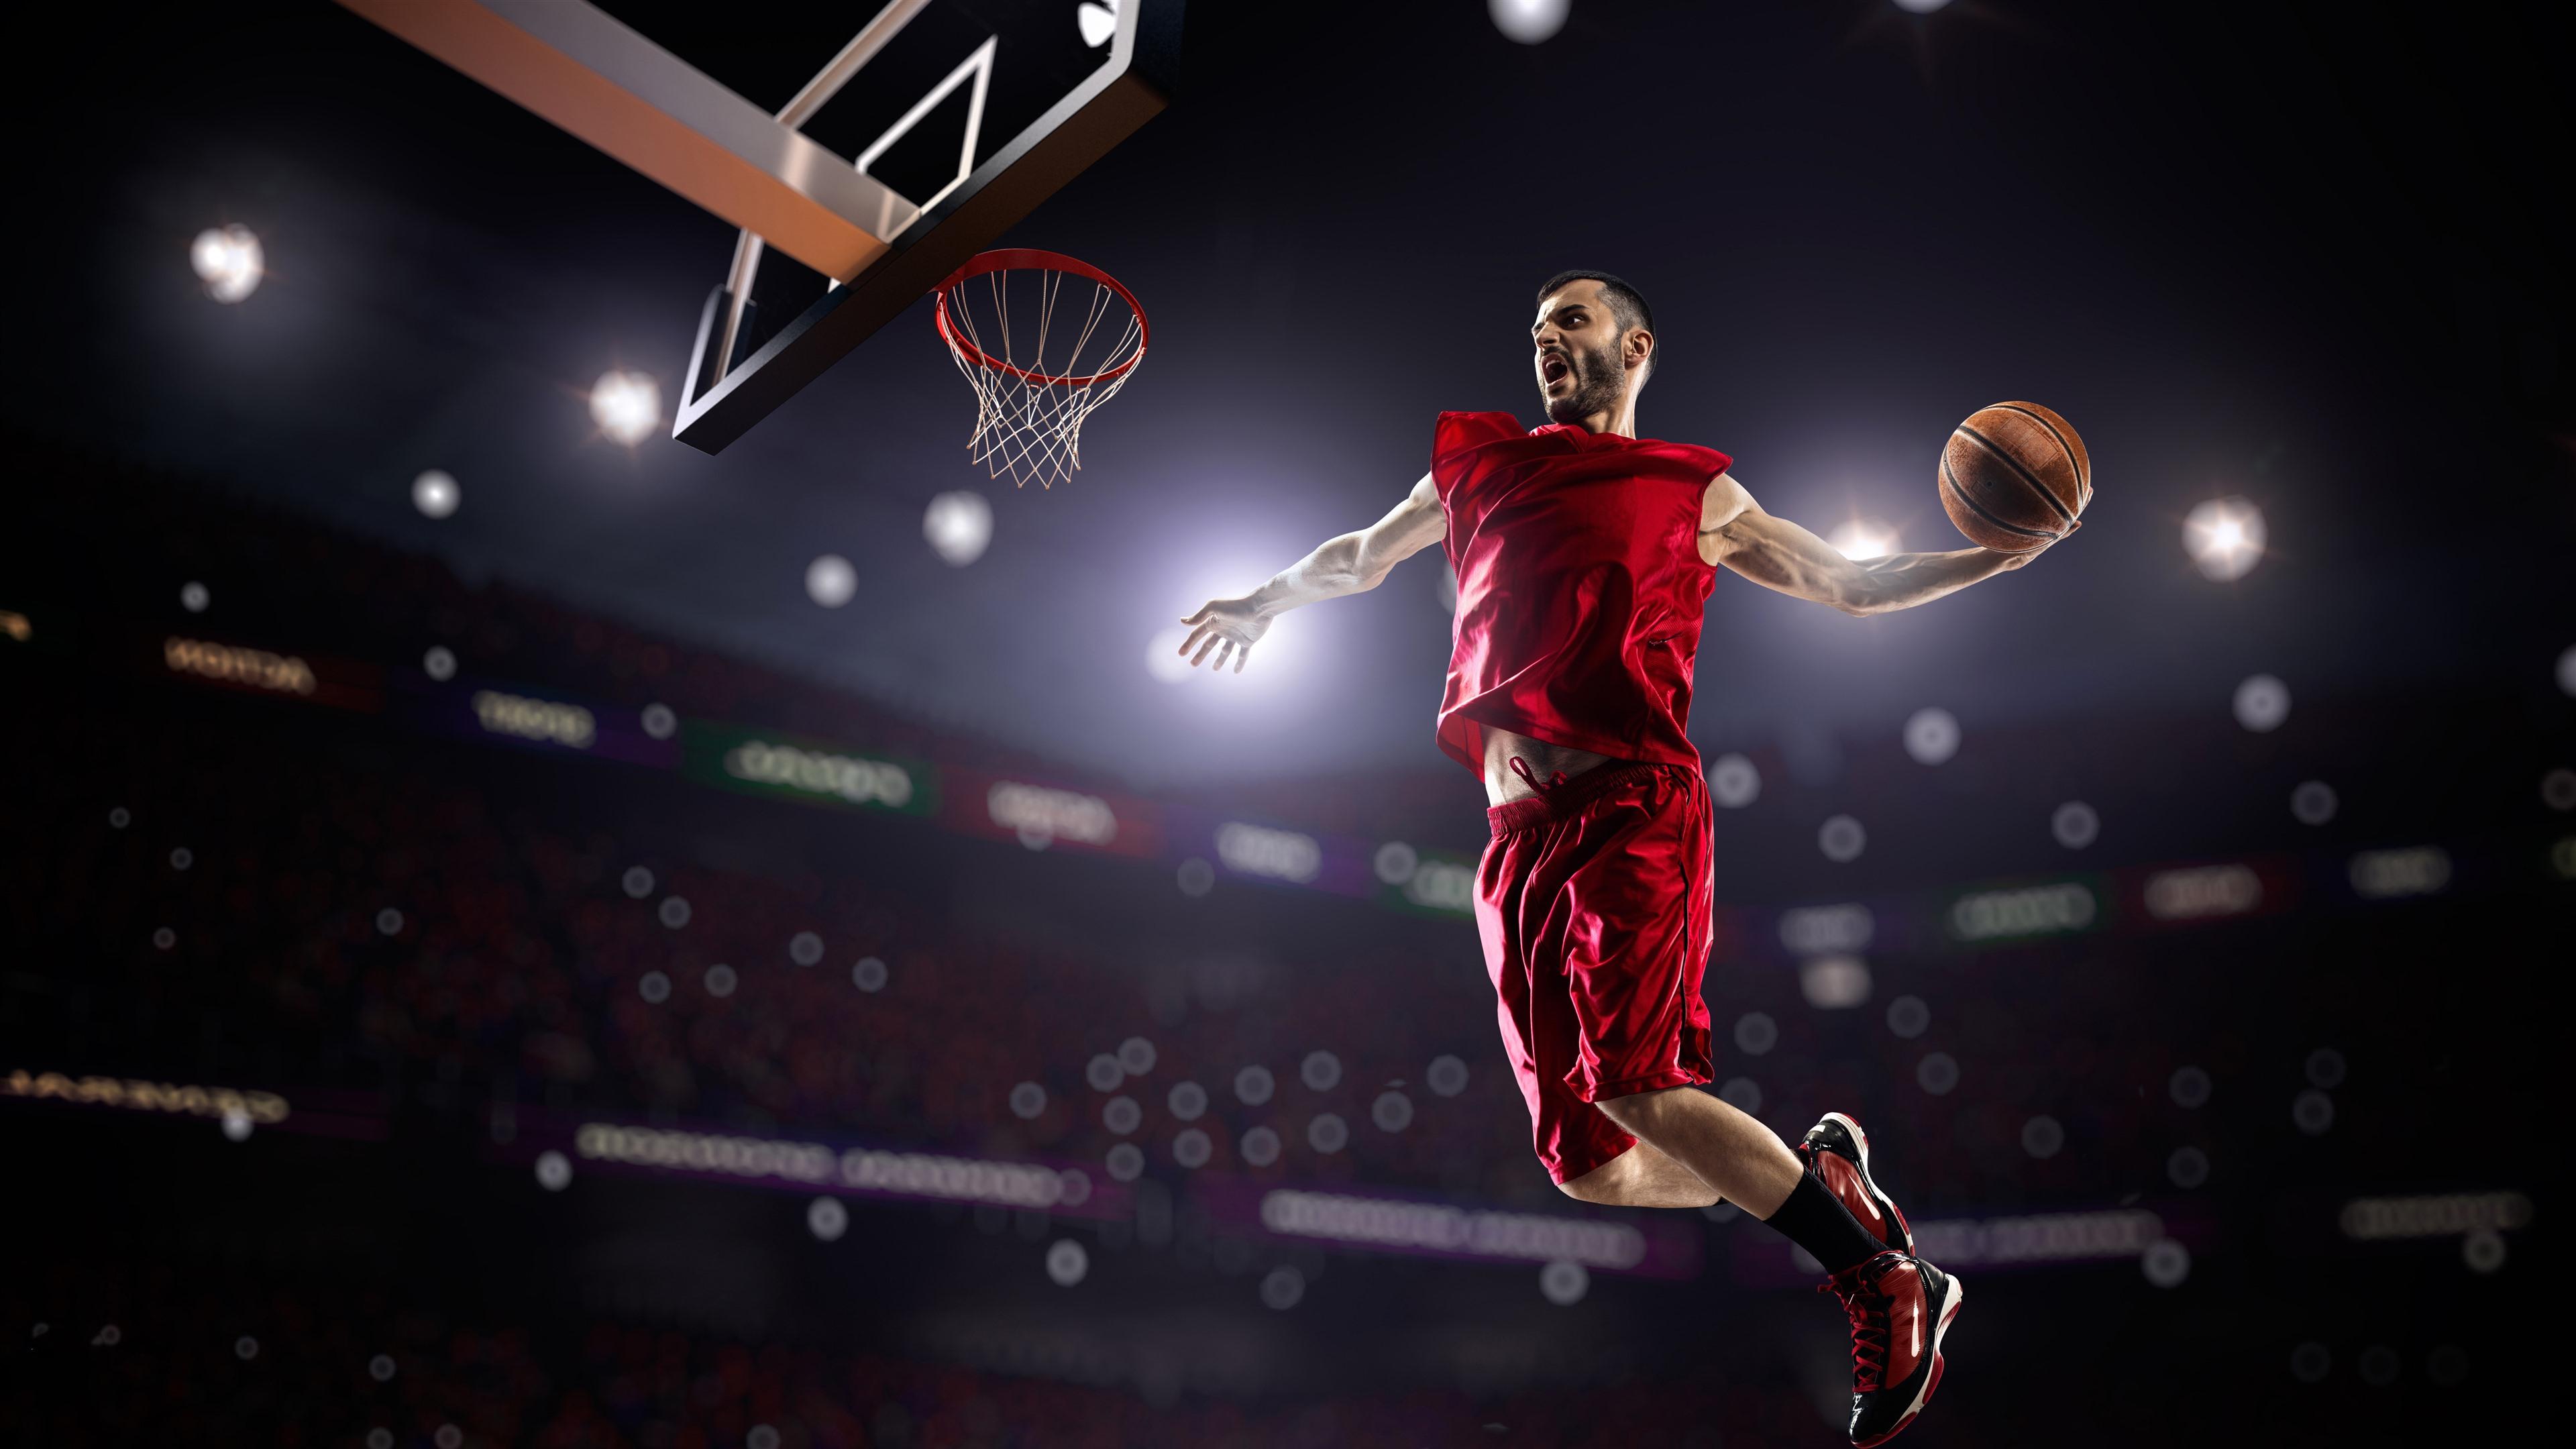 選手 バスケットボール 男性 ジャンプ スポーツ 1242x2688 Iphone